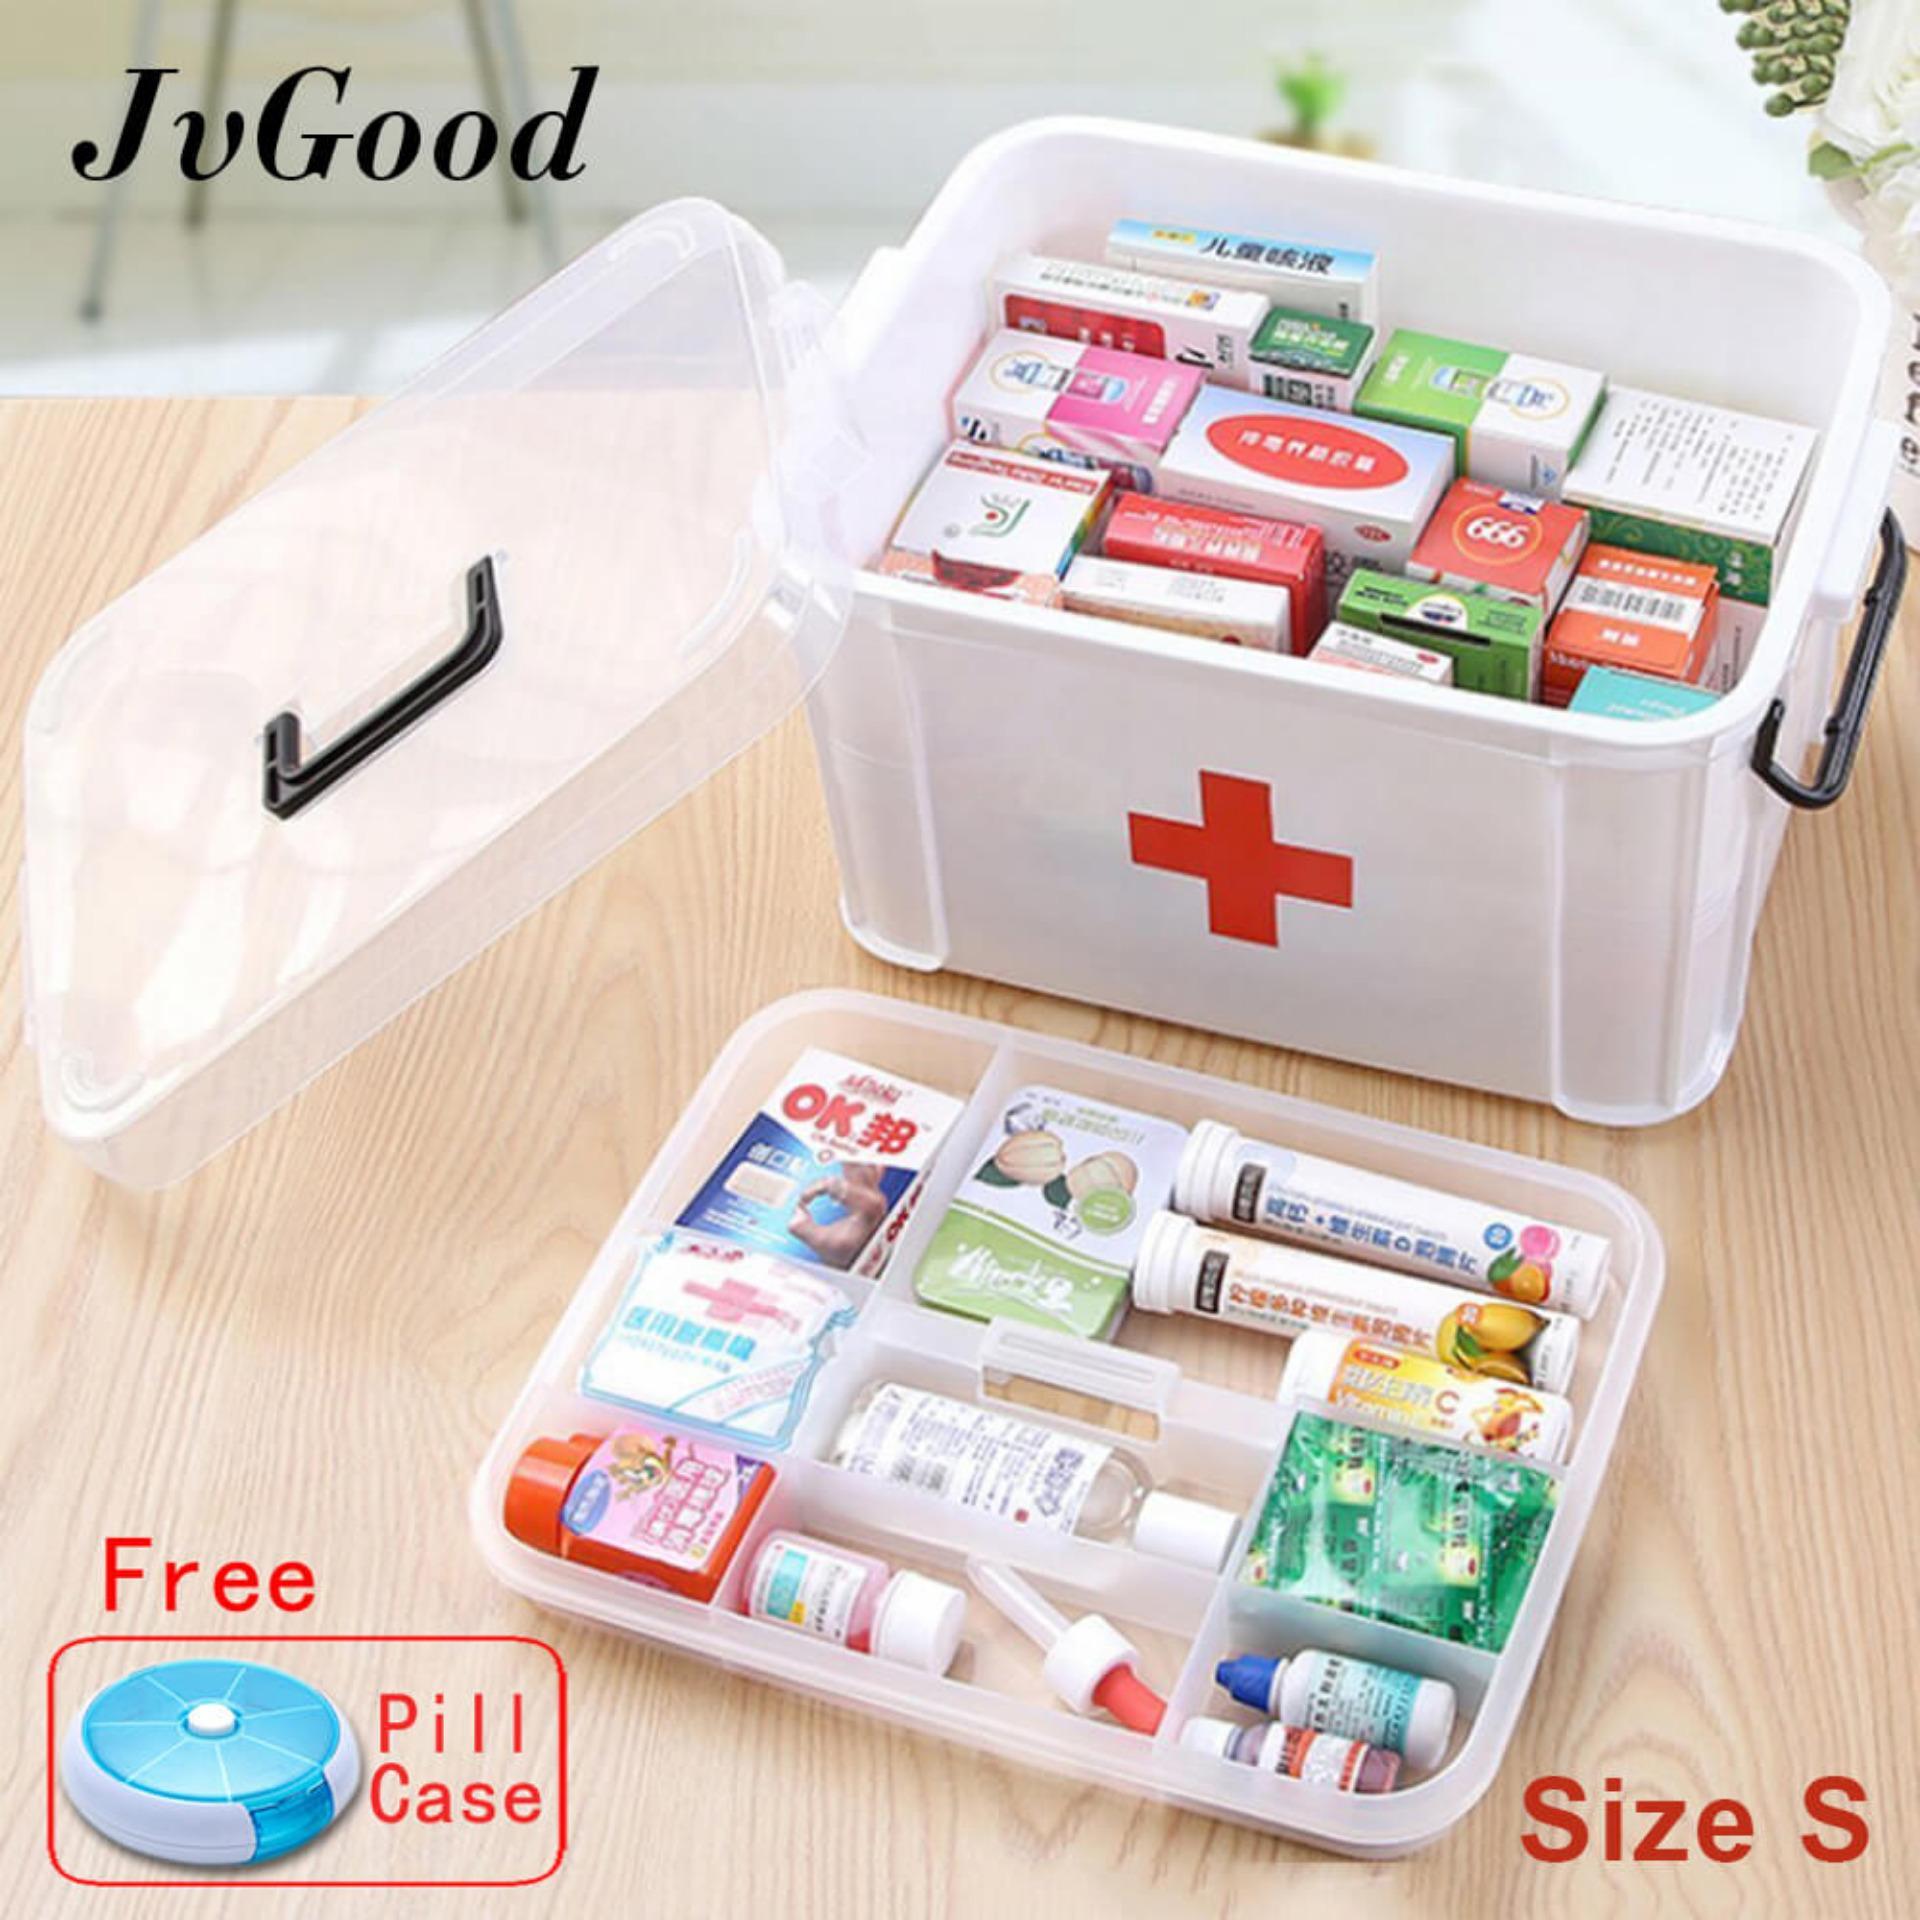 Spesifikasi Jvgood Rumah Tangga Medis Kabinet Kotak Kosong First Aid Kit Penyimpanan Plastik Case Pil With Kompartemen Java Me Ukuran S 24 5X17 5X13 5 Cm Murah Berkualitas